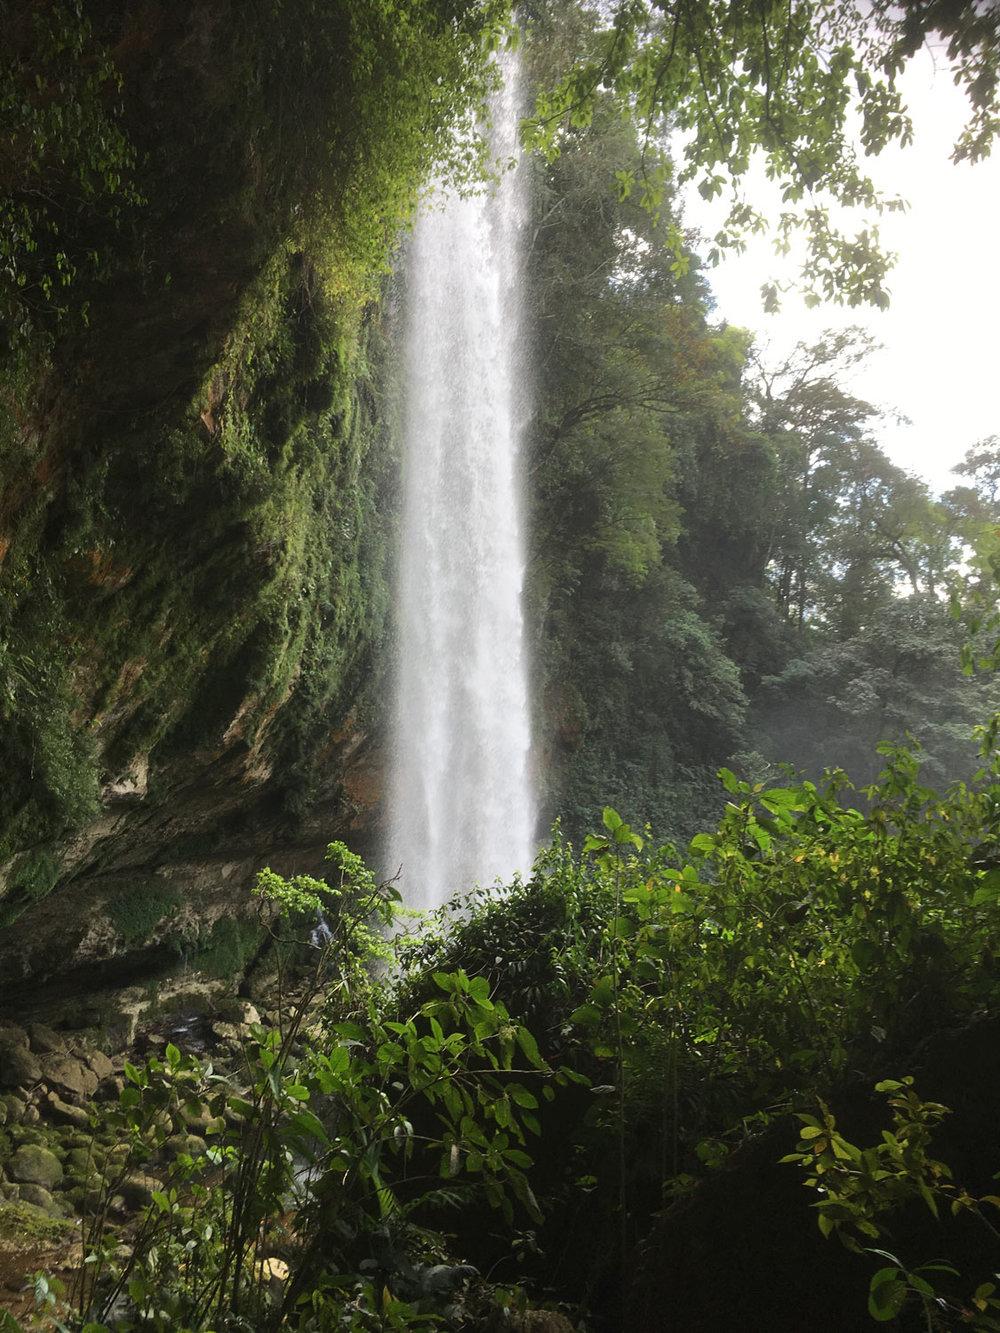 Hammocks_and_Ruins_Riviera_Maya_Mexico_What_to_Do_Lakes_Rivers_Chiapas_Palenque_Misol_Ha_Waterfalls_6.jpg